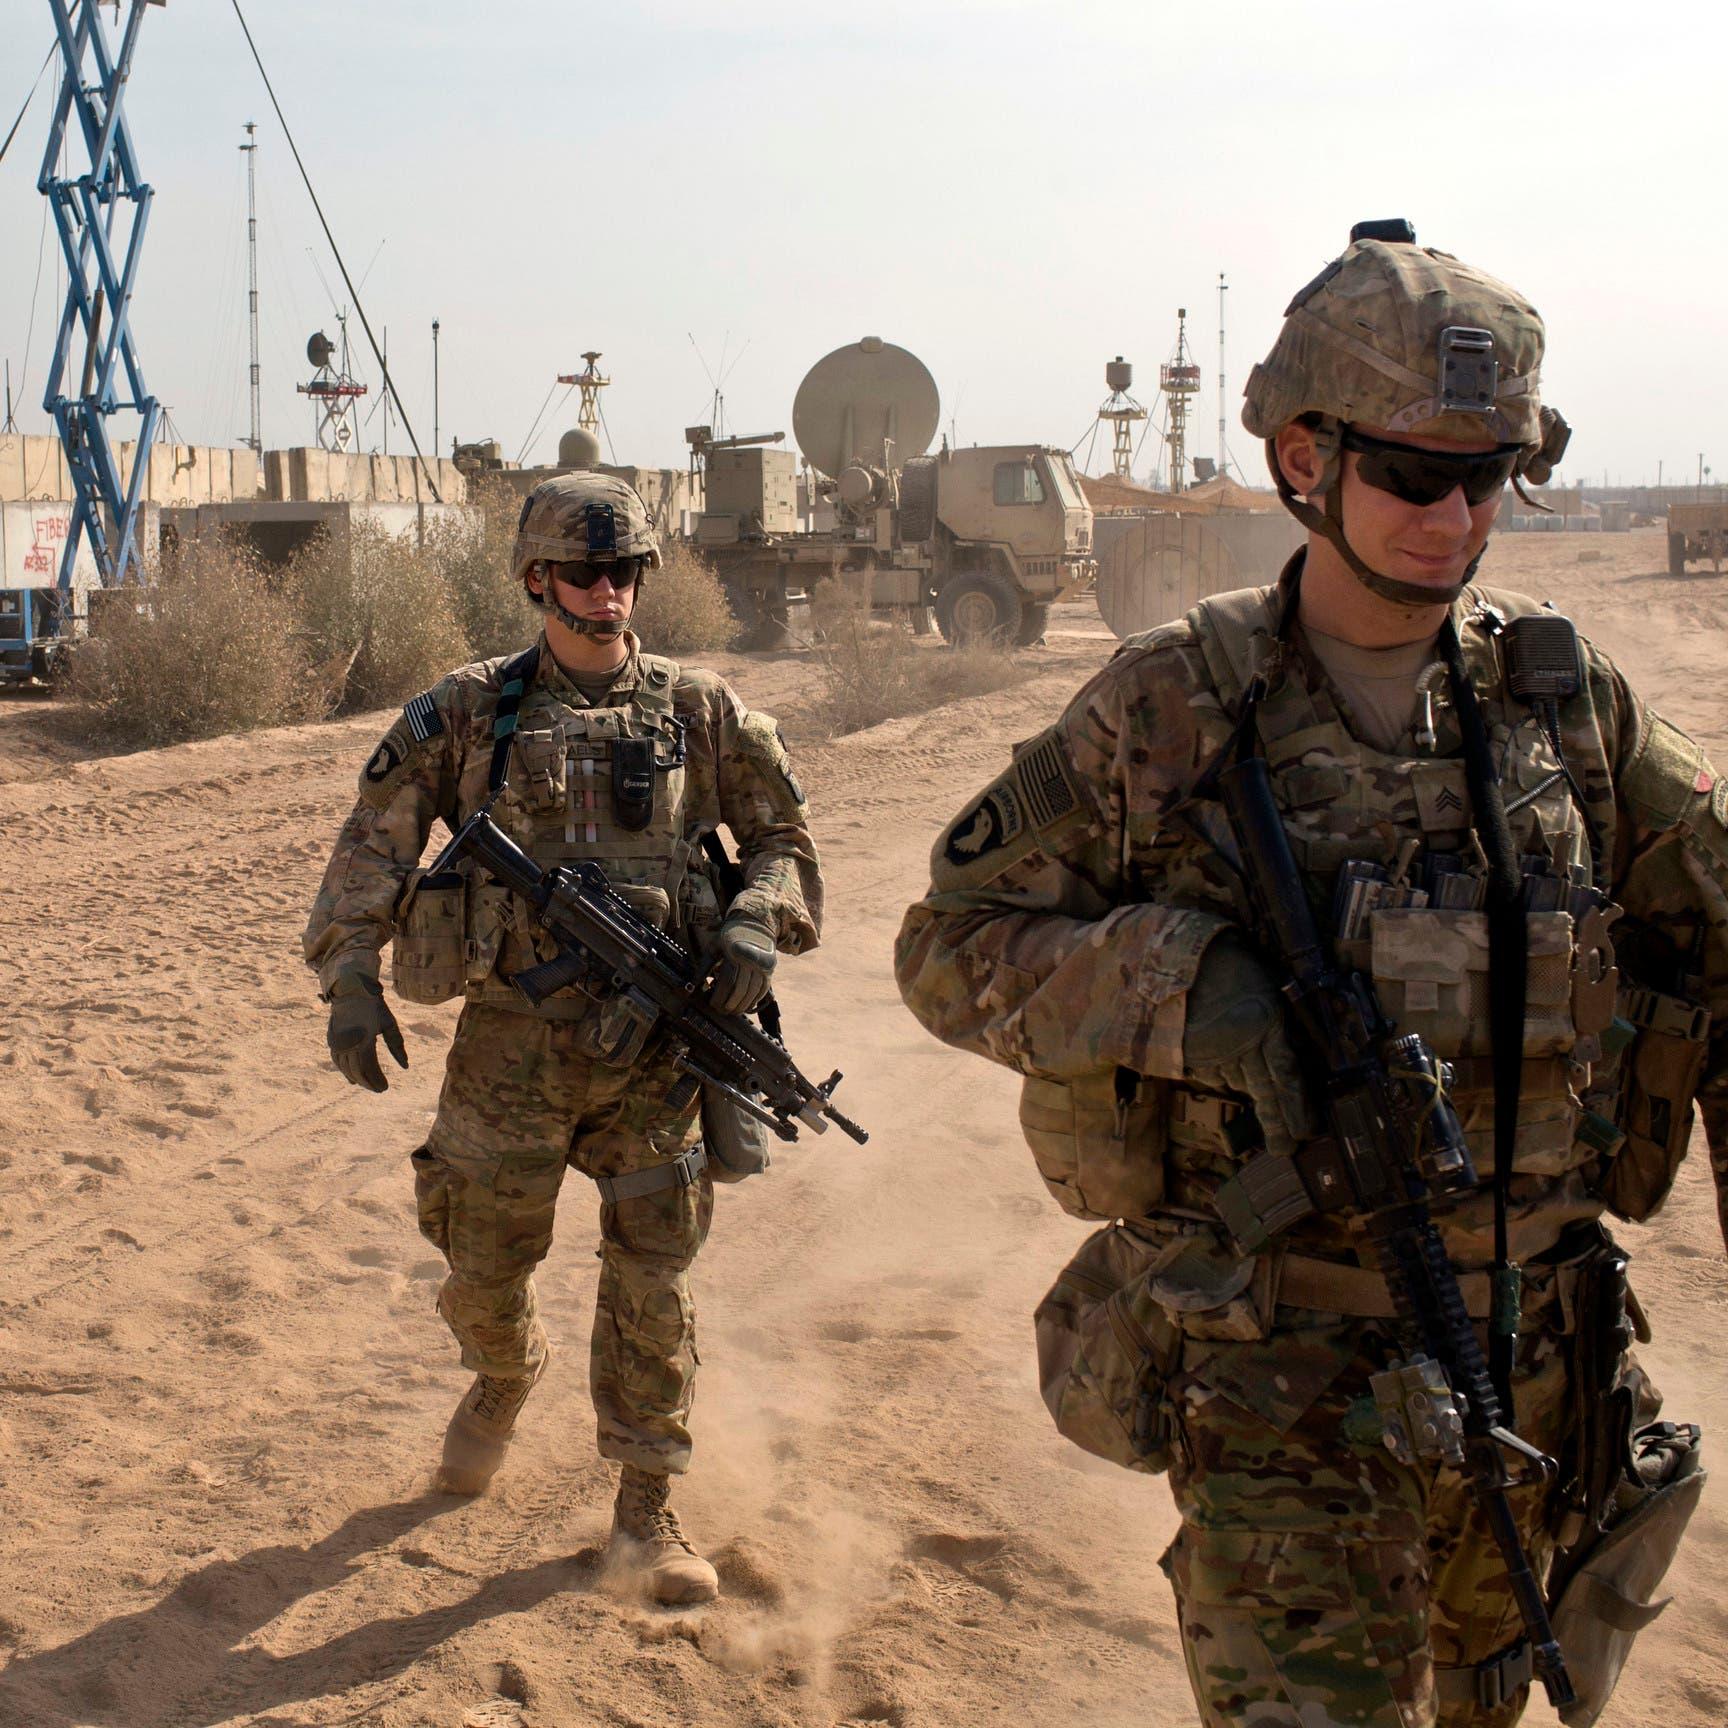 التحالف: التعاون مع بغداد والبيشمركة ضروري لمنع عودة داعش